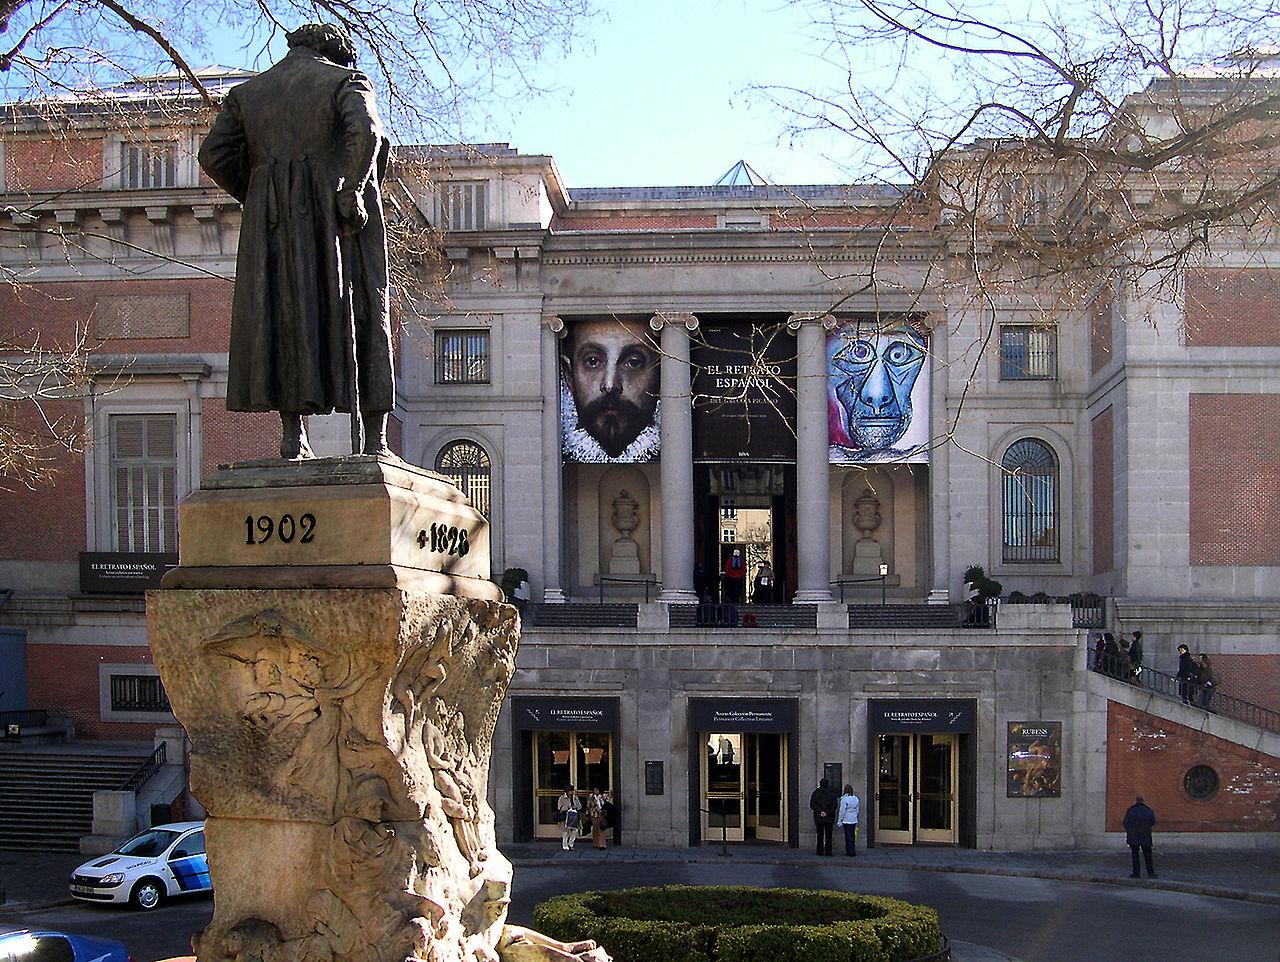 พิพิธภัณฑ์ปราโด-อีกด้าน